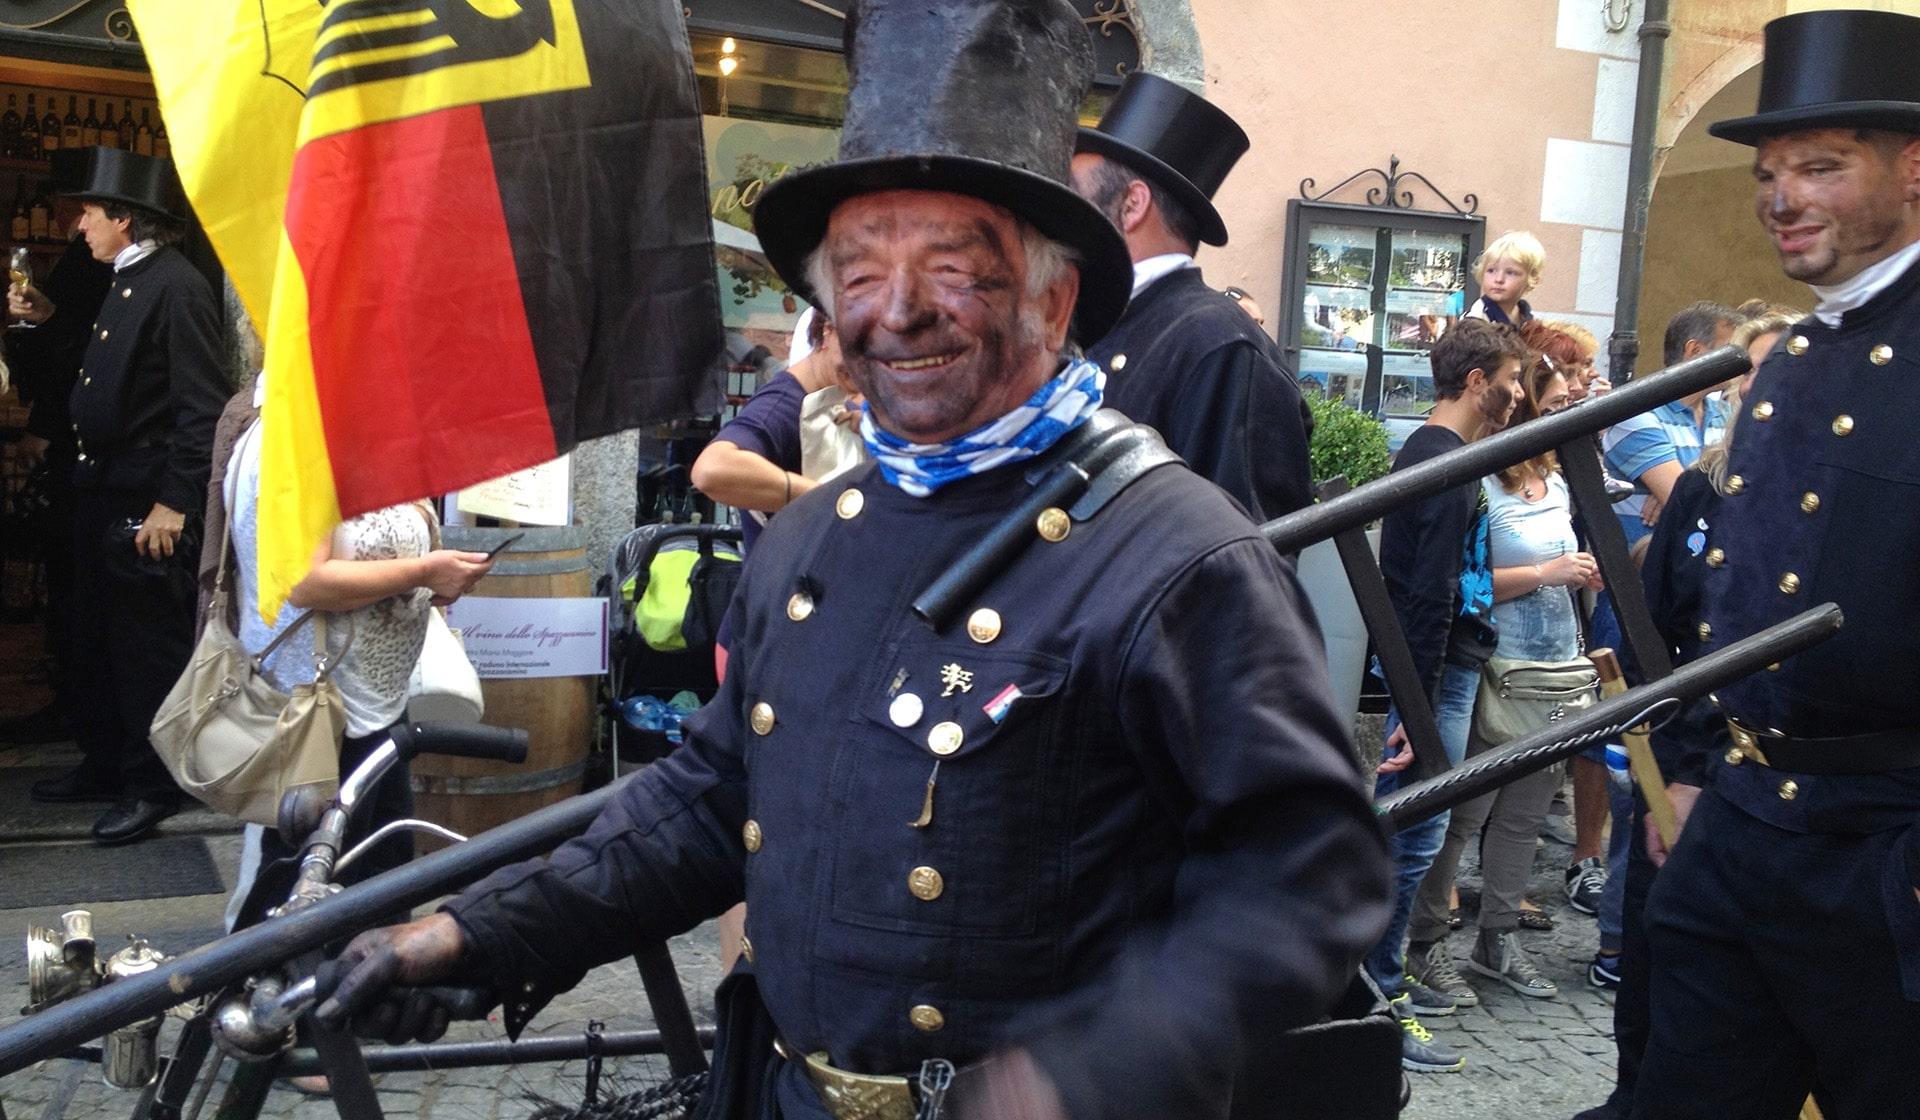 La festa degli Spazzacamini in Valle Vigezzo